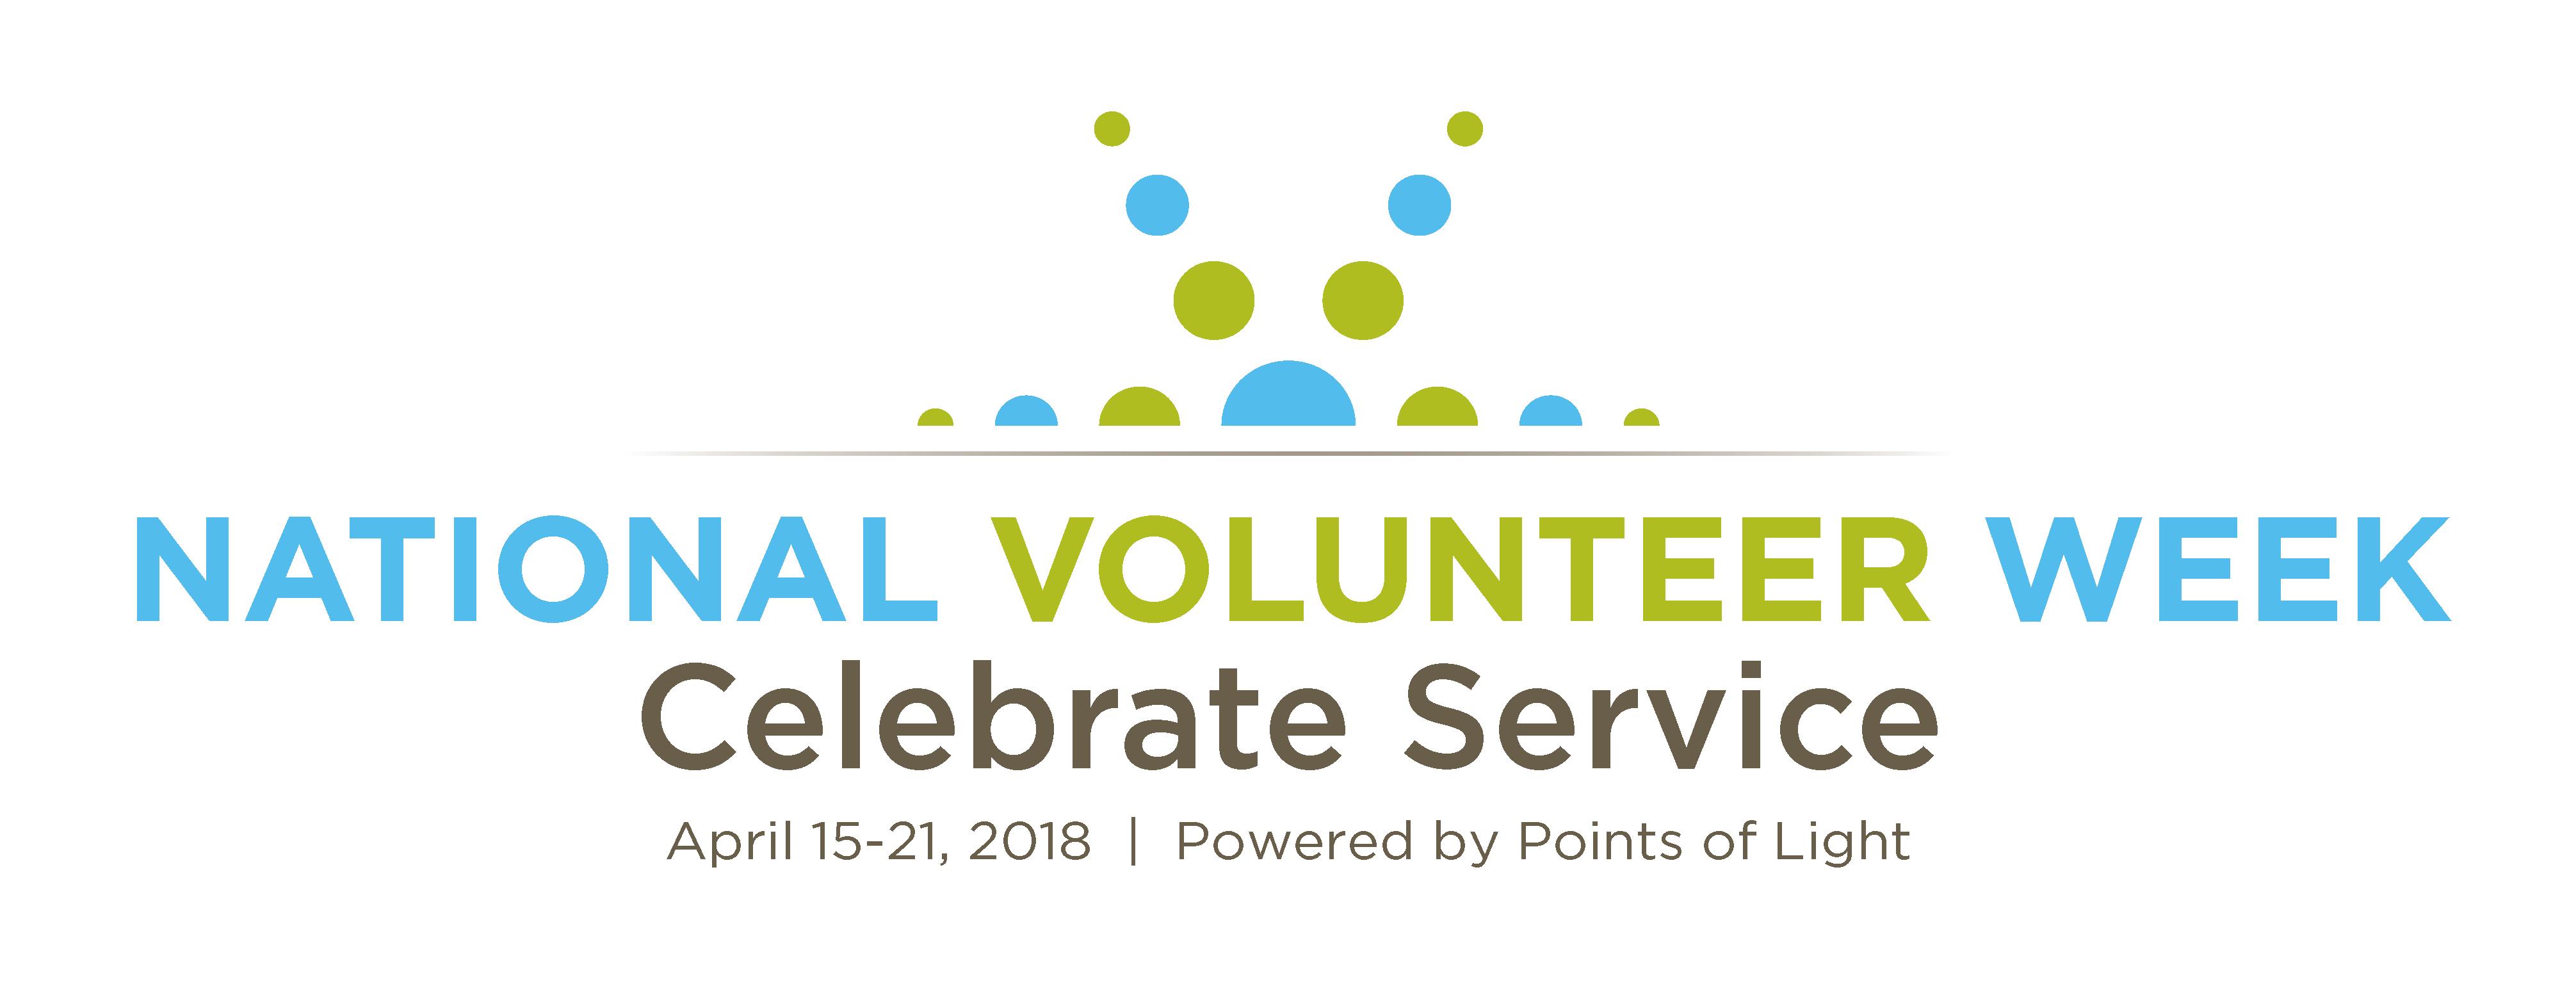 National Volunteer Week   Celebrate Service